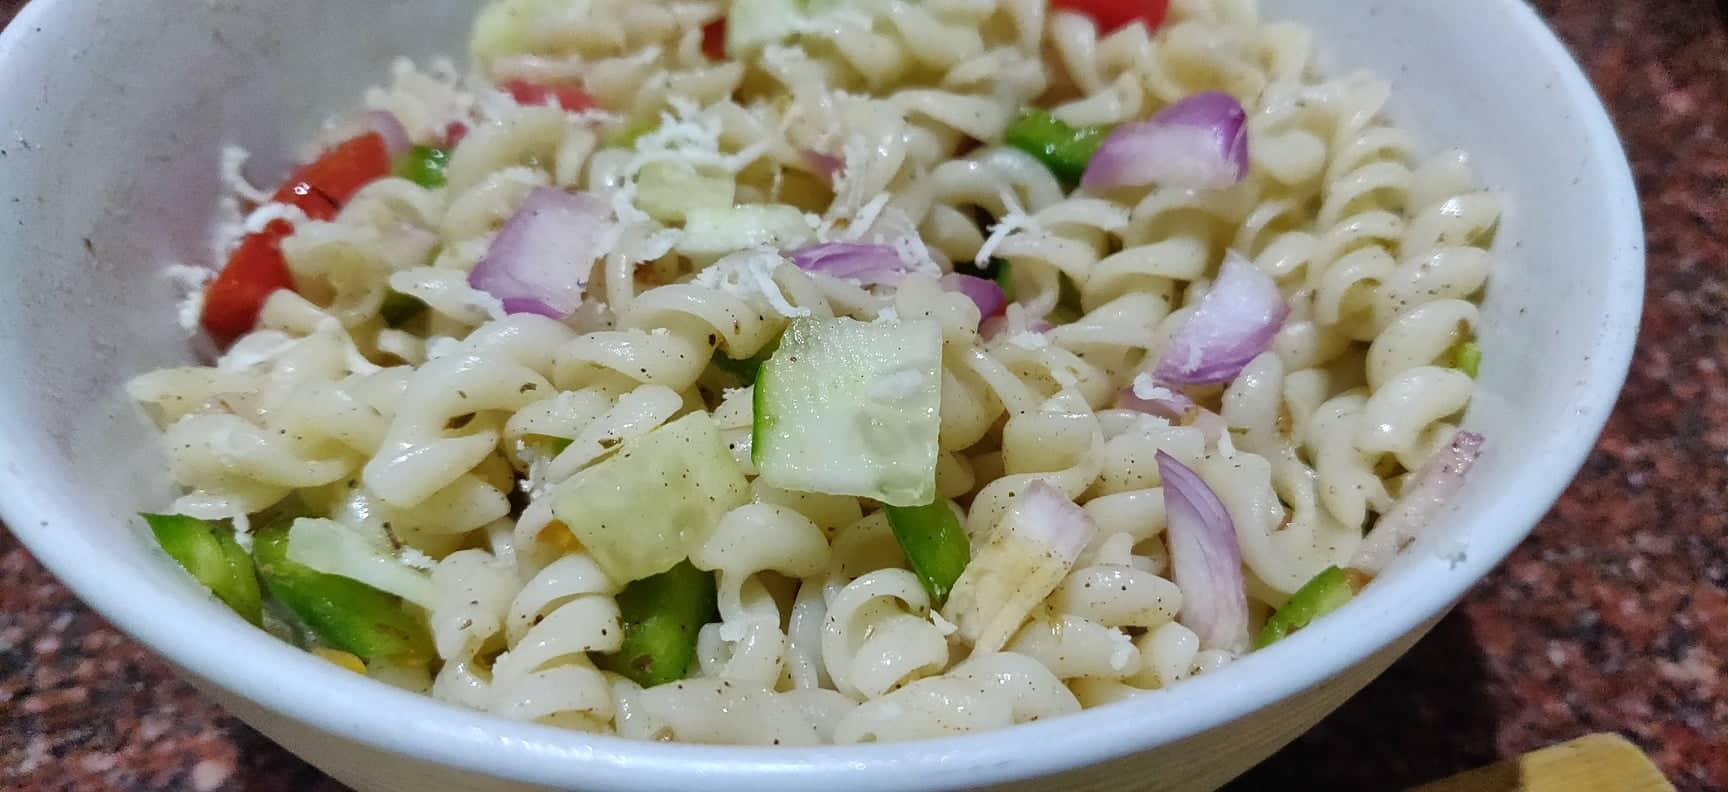 Mediterranean_pasta_salad - 75540289_433858997516541_4450034753759870976_n